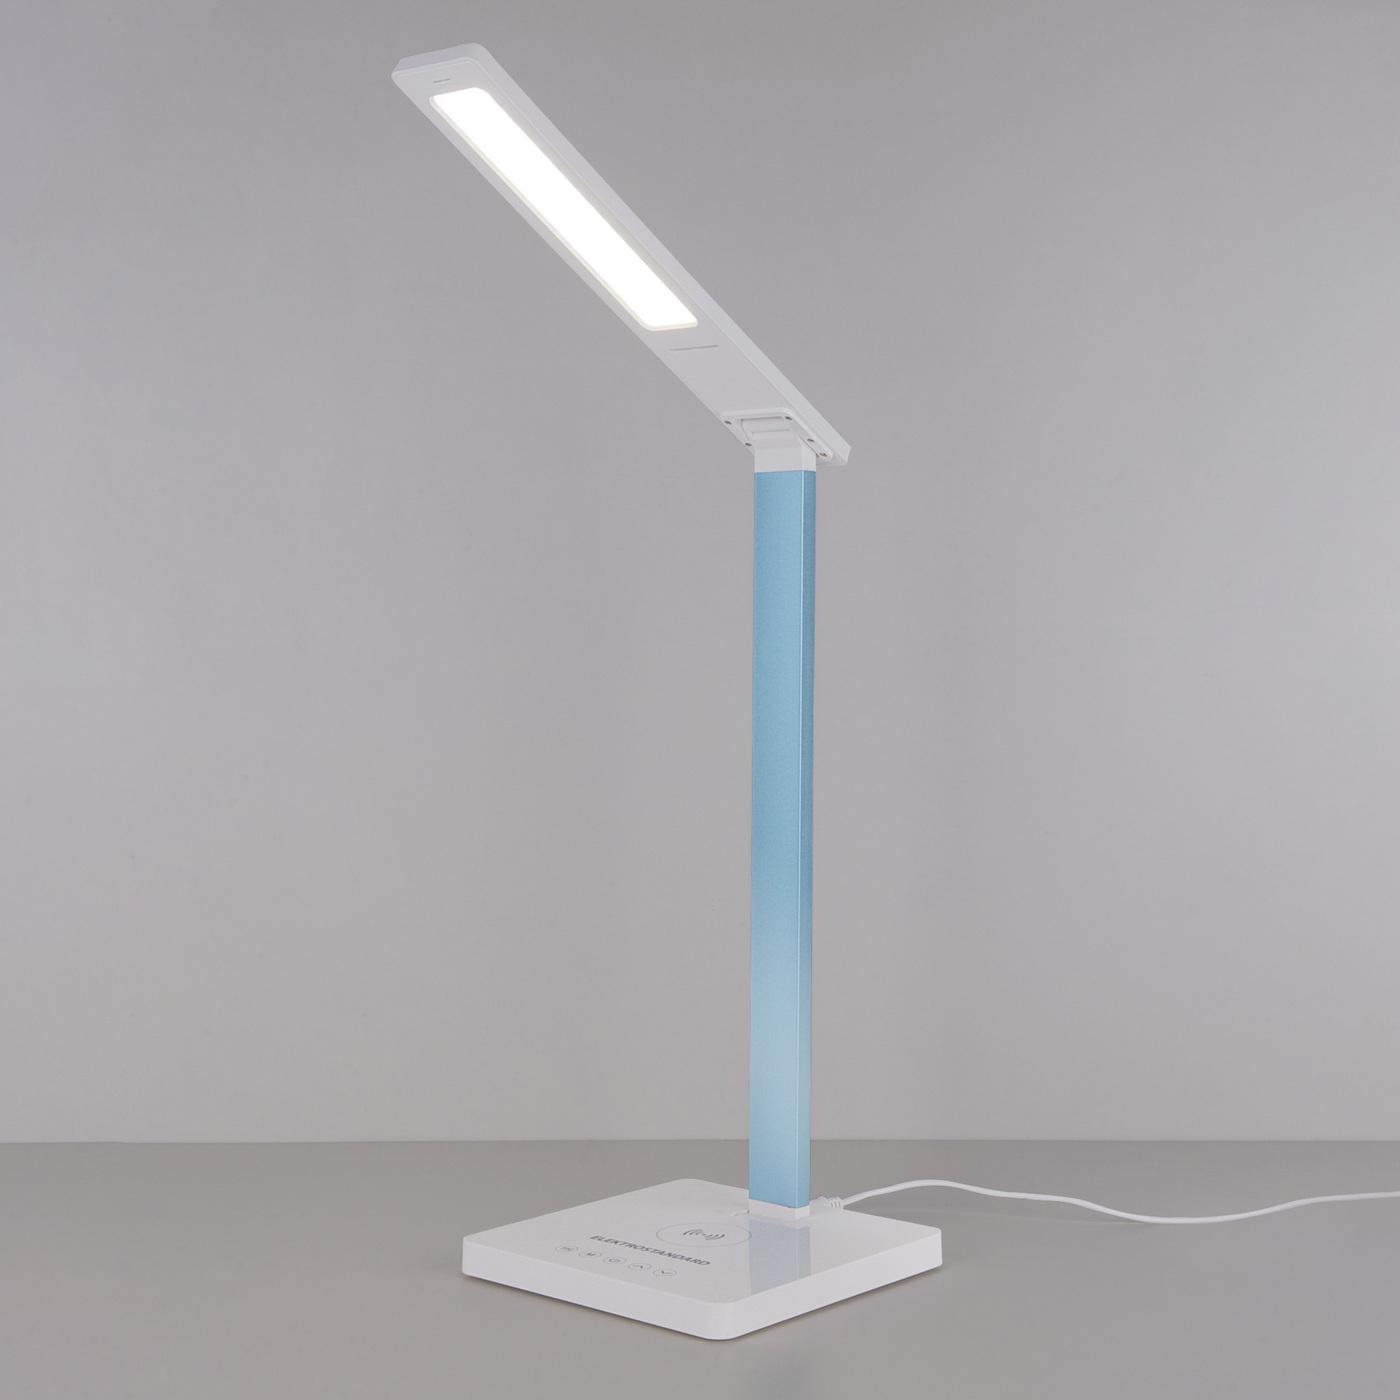 Настольный светильник Elektrostandard светодиодный Lori elektrostandard настольный светодиодный светильник elektrostandard tl90193 4690389084867